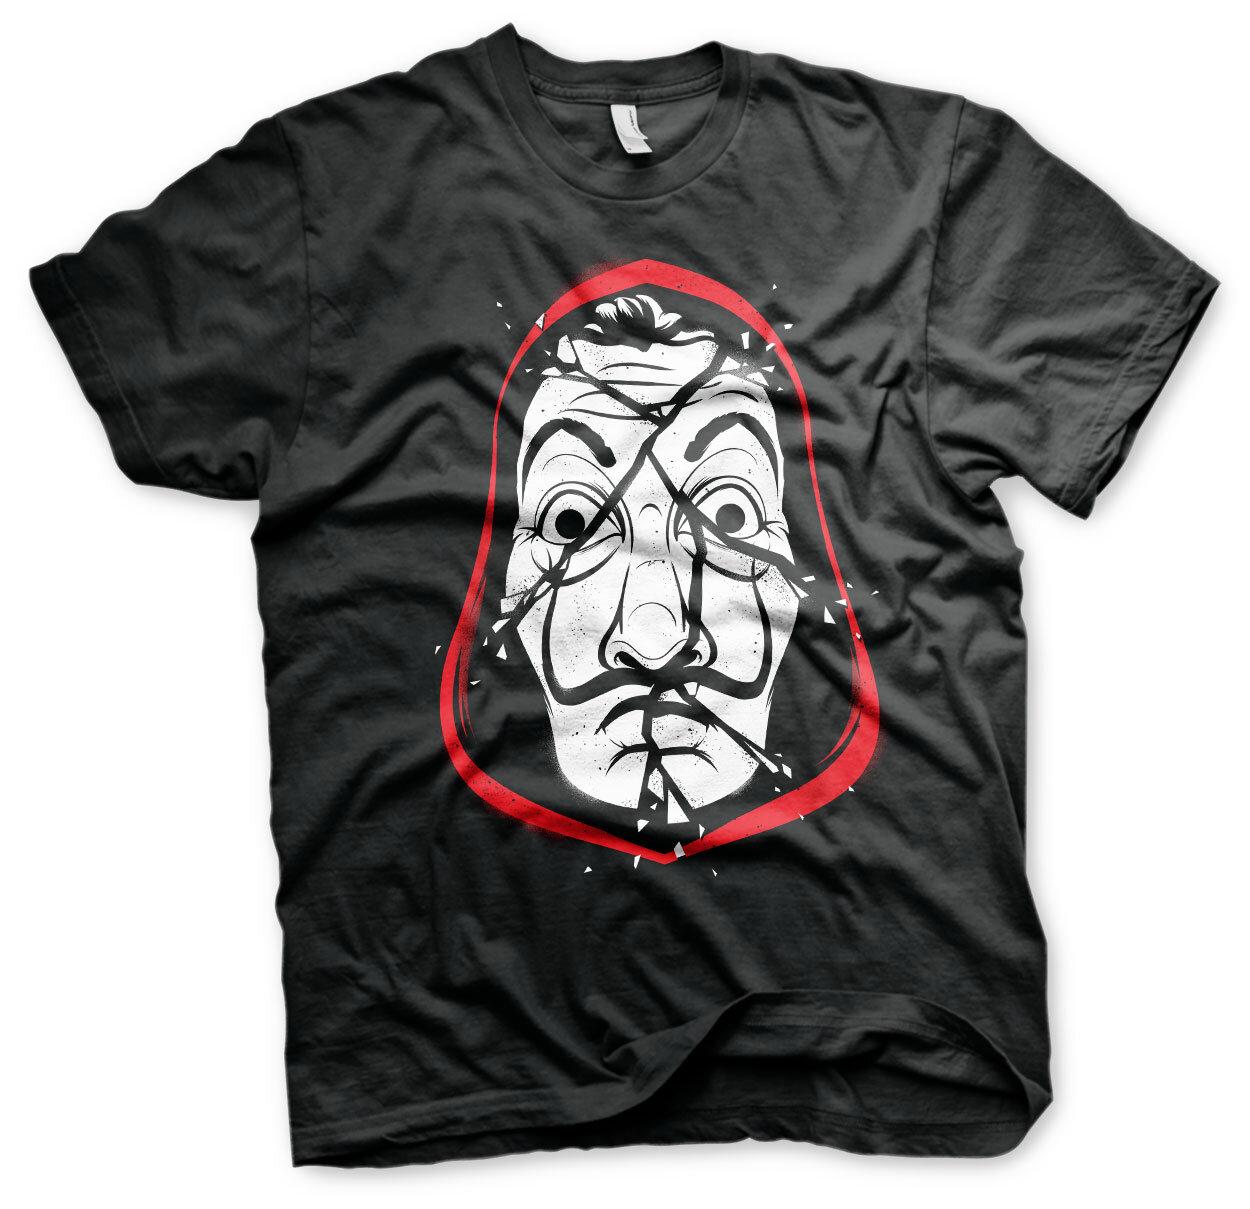 La Casa De Papel Cracked Mask T-Shirt